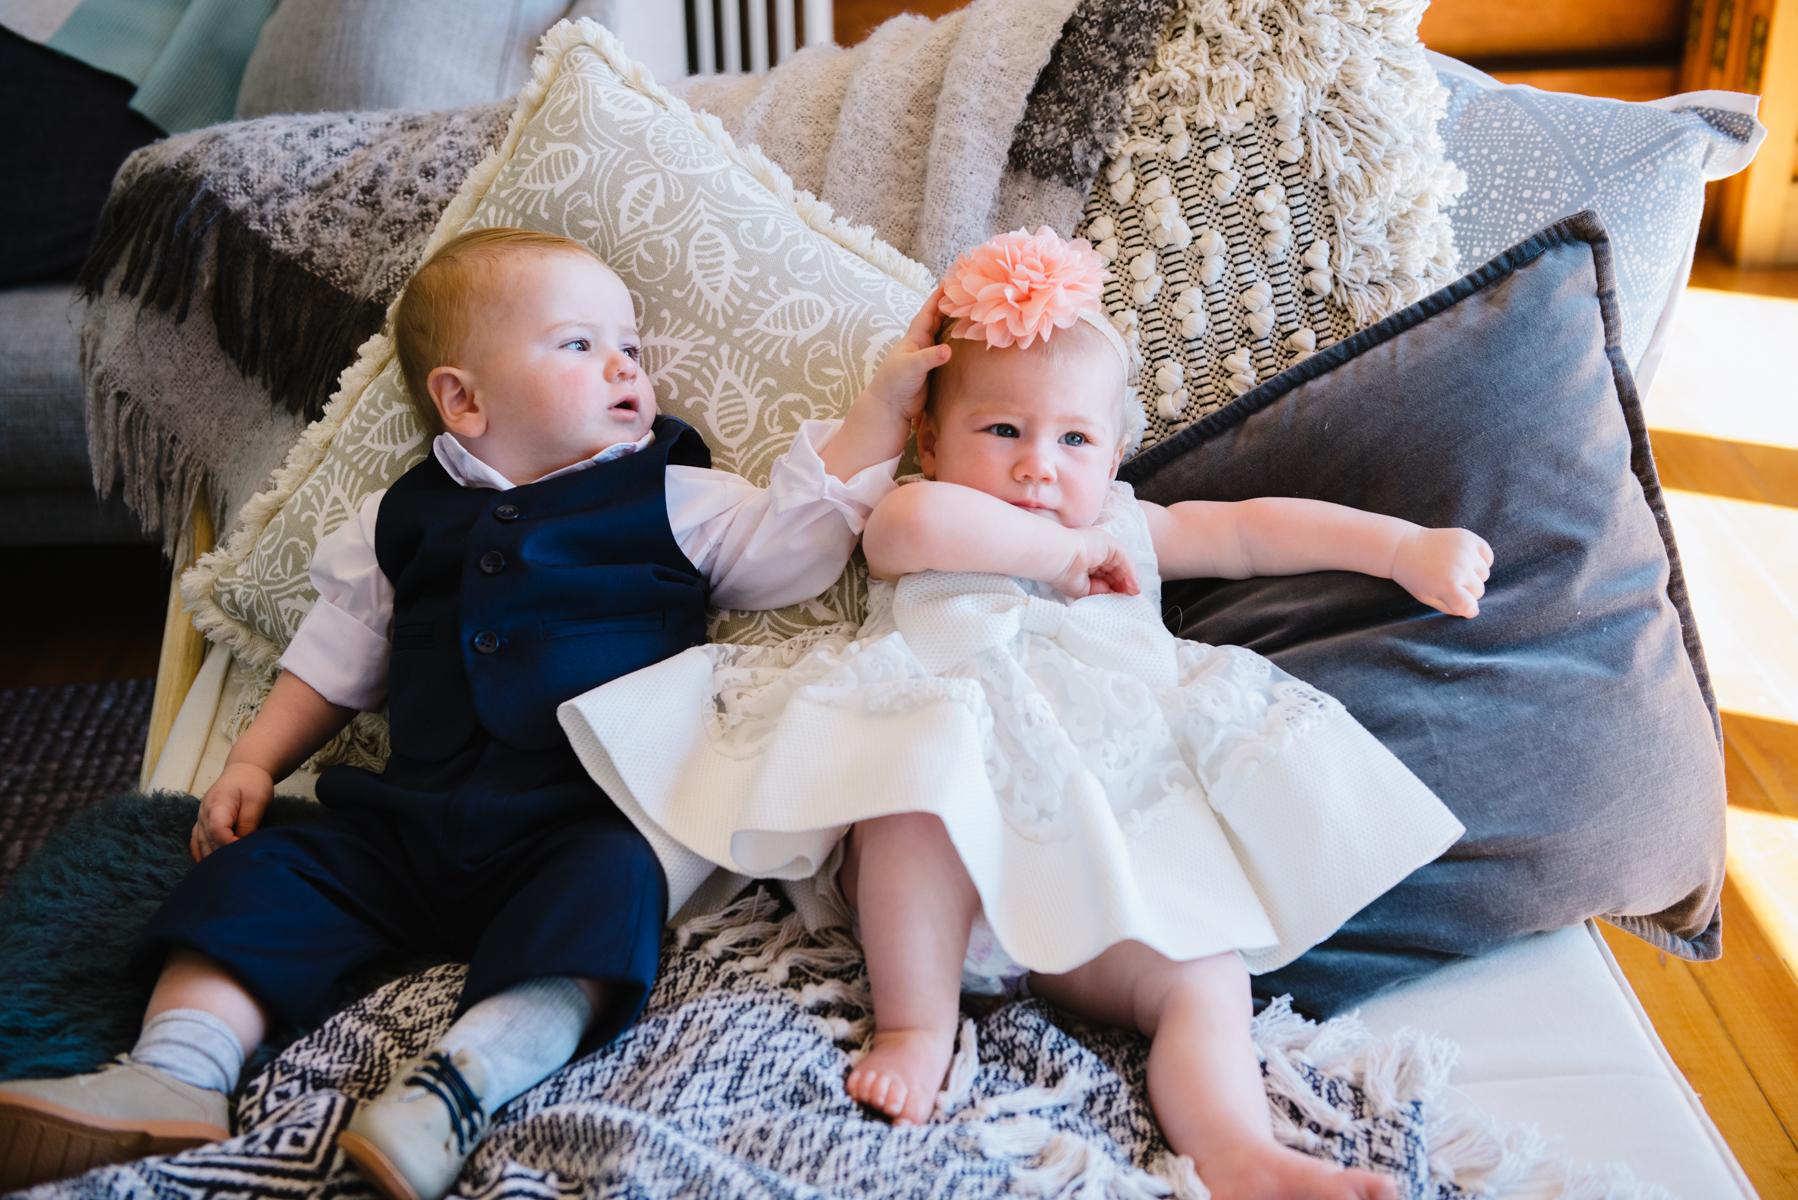 sarahandBenwedding- skyla sage photography weddings, families, byron bay,tweed coast,kingscliff,cabarita,gold coast-199.jpg